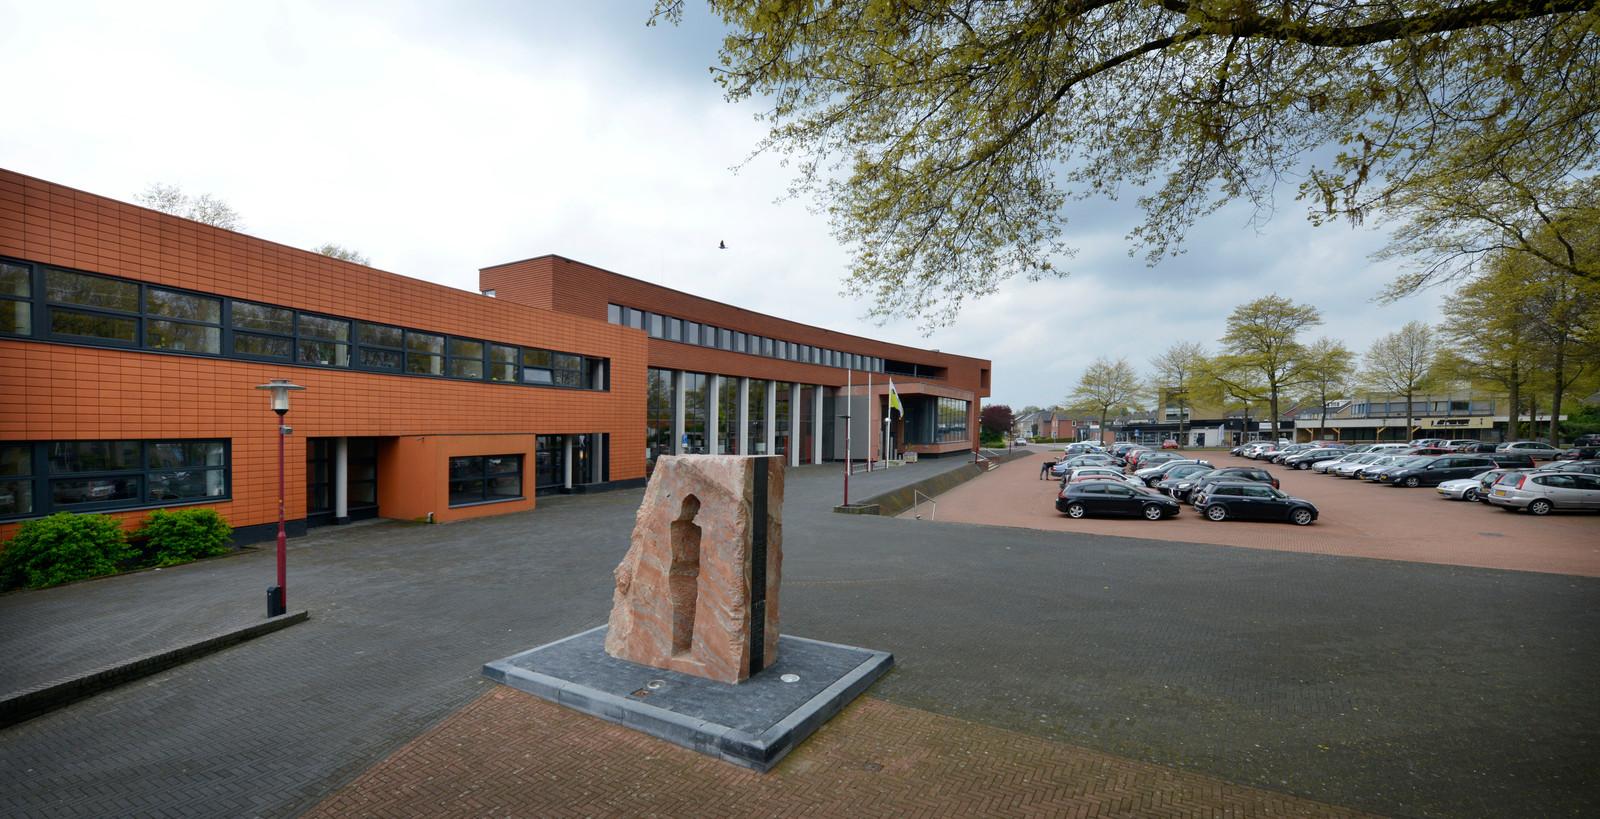 Aan het Vriezenveense Manitobaplein is onder andere het gemeentehuis van Twenterand gehuisvest.